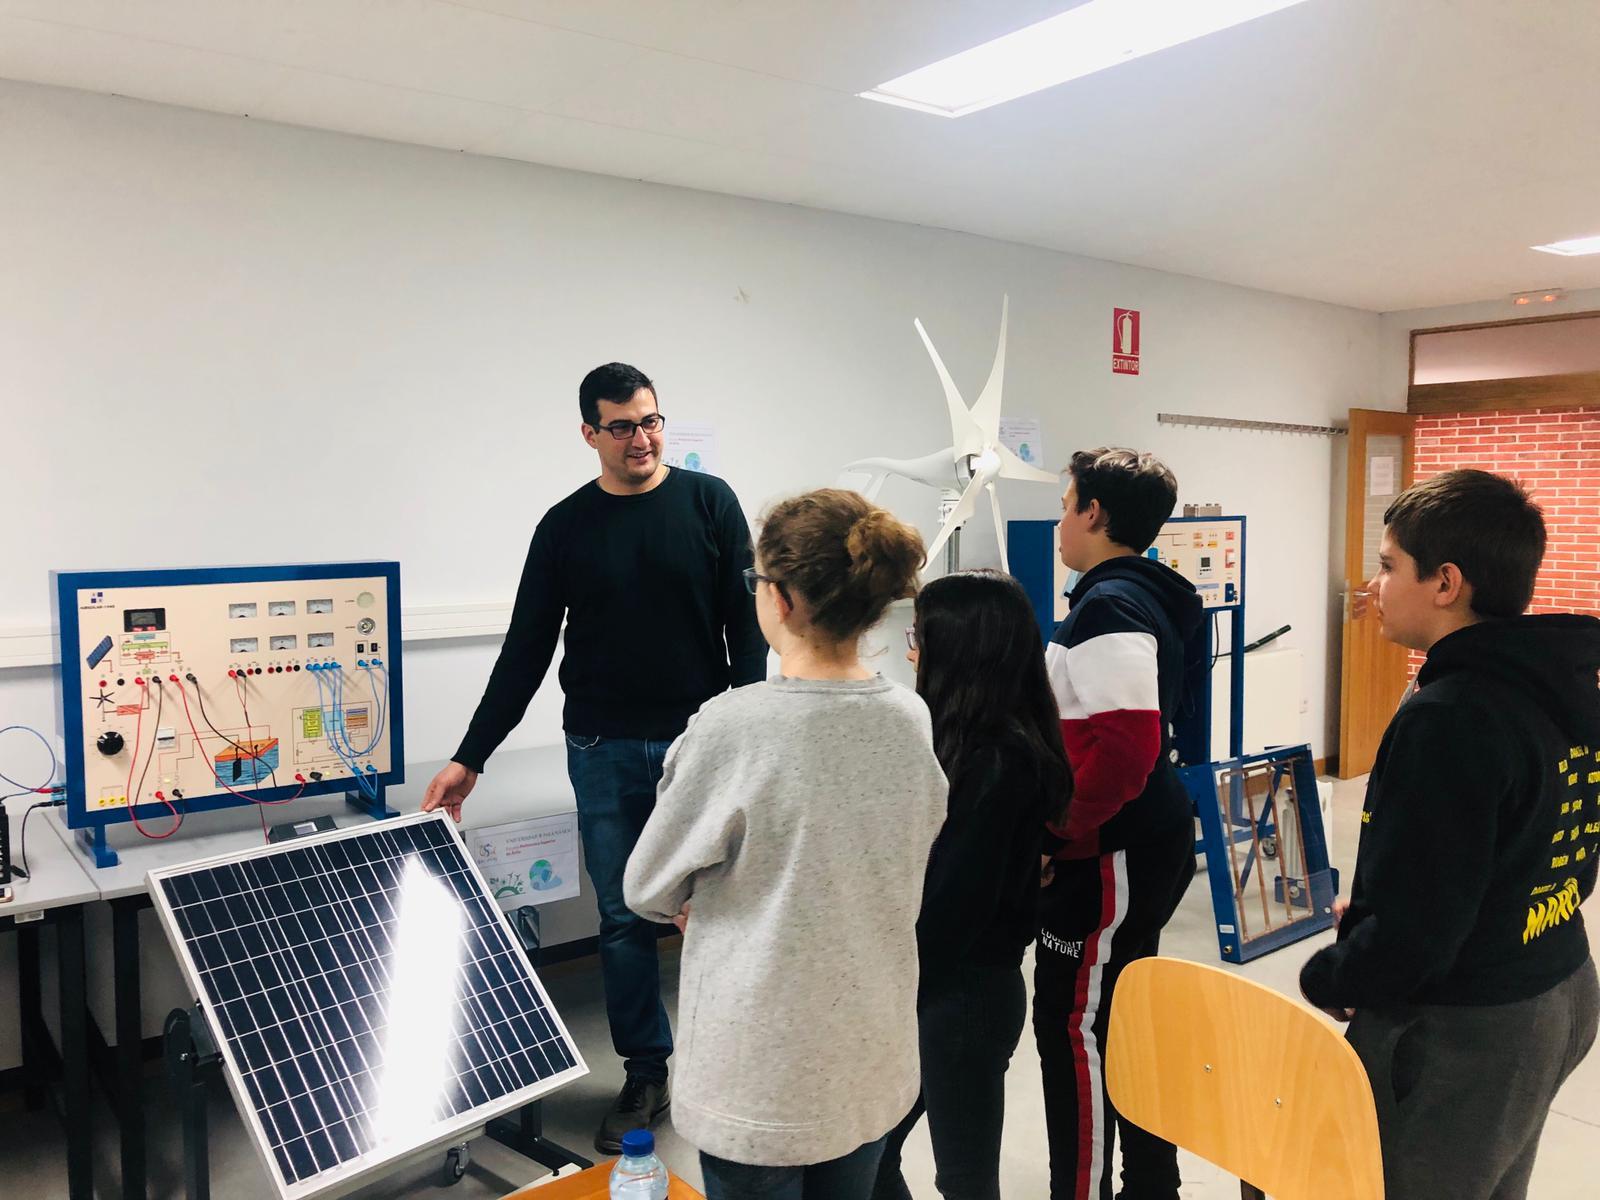 Investigadores de la Universidad de Salamanca estudian la viabilidad de autoconsumos fotovoltaicos municipales para servicios de alumbrado público y transporte urbano